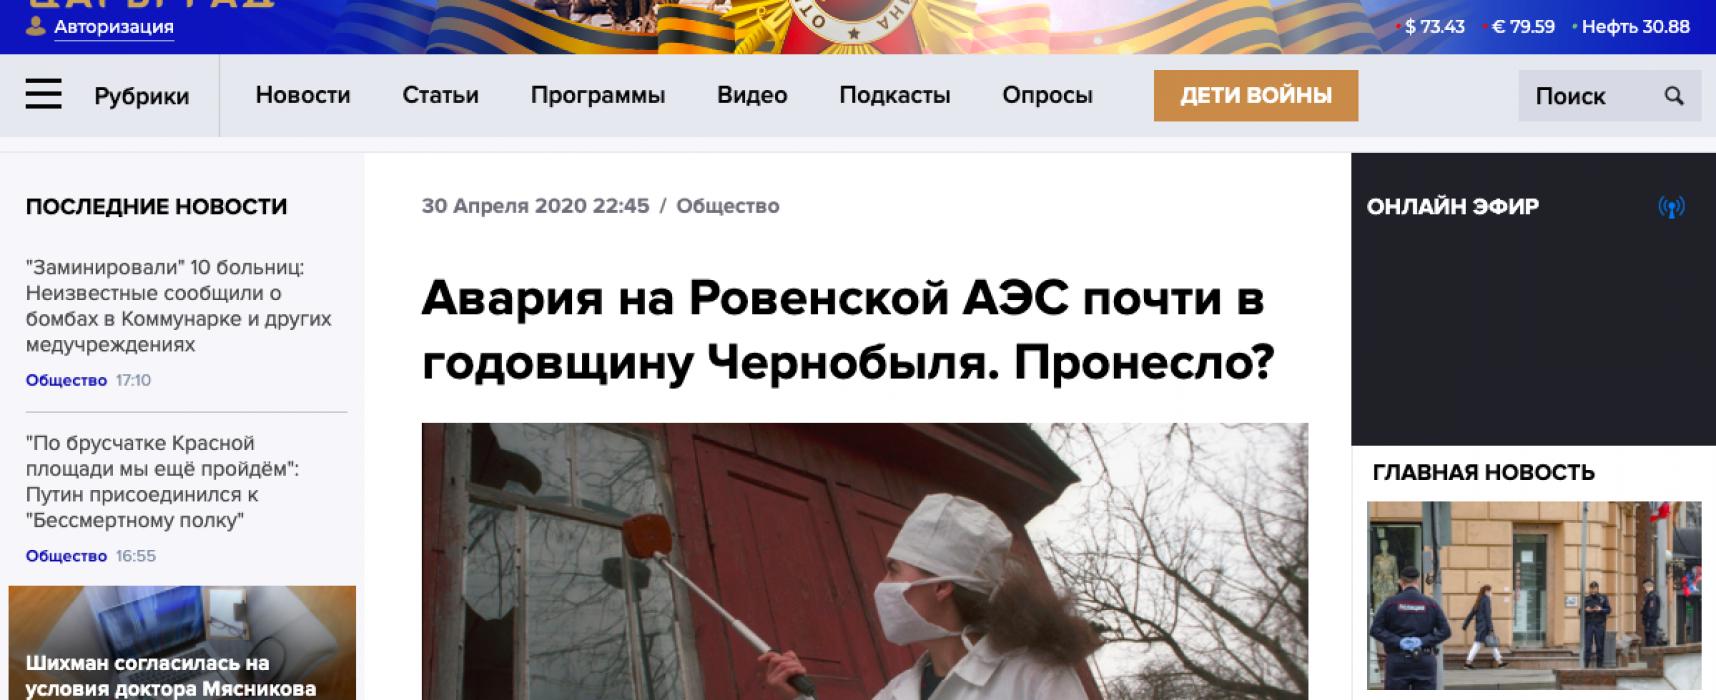 Fake: Westliche Wissenschaftler sagen eine achtzigprozentige Wahrscheinlichkeit eines Atomunfalls in der Ukraine voraus